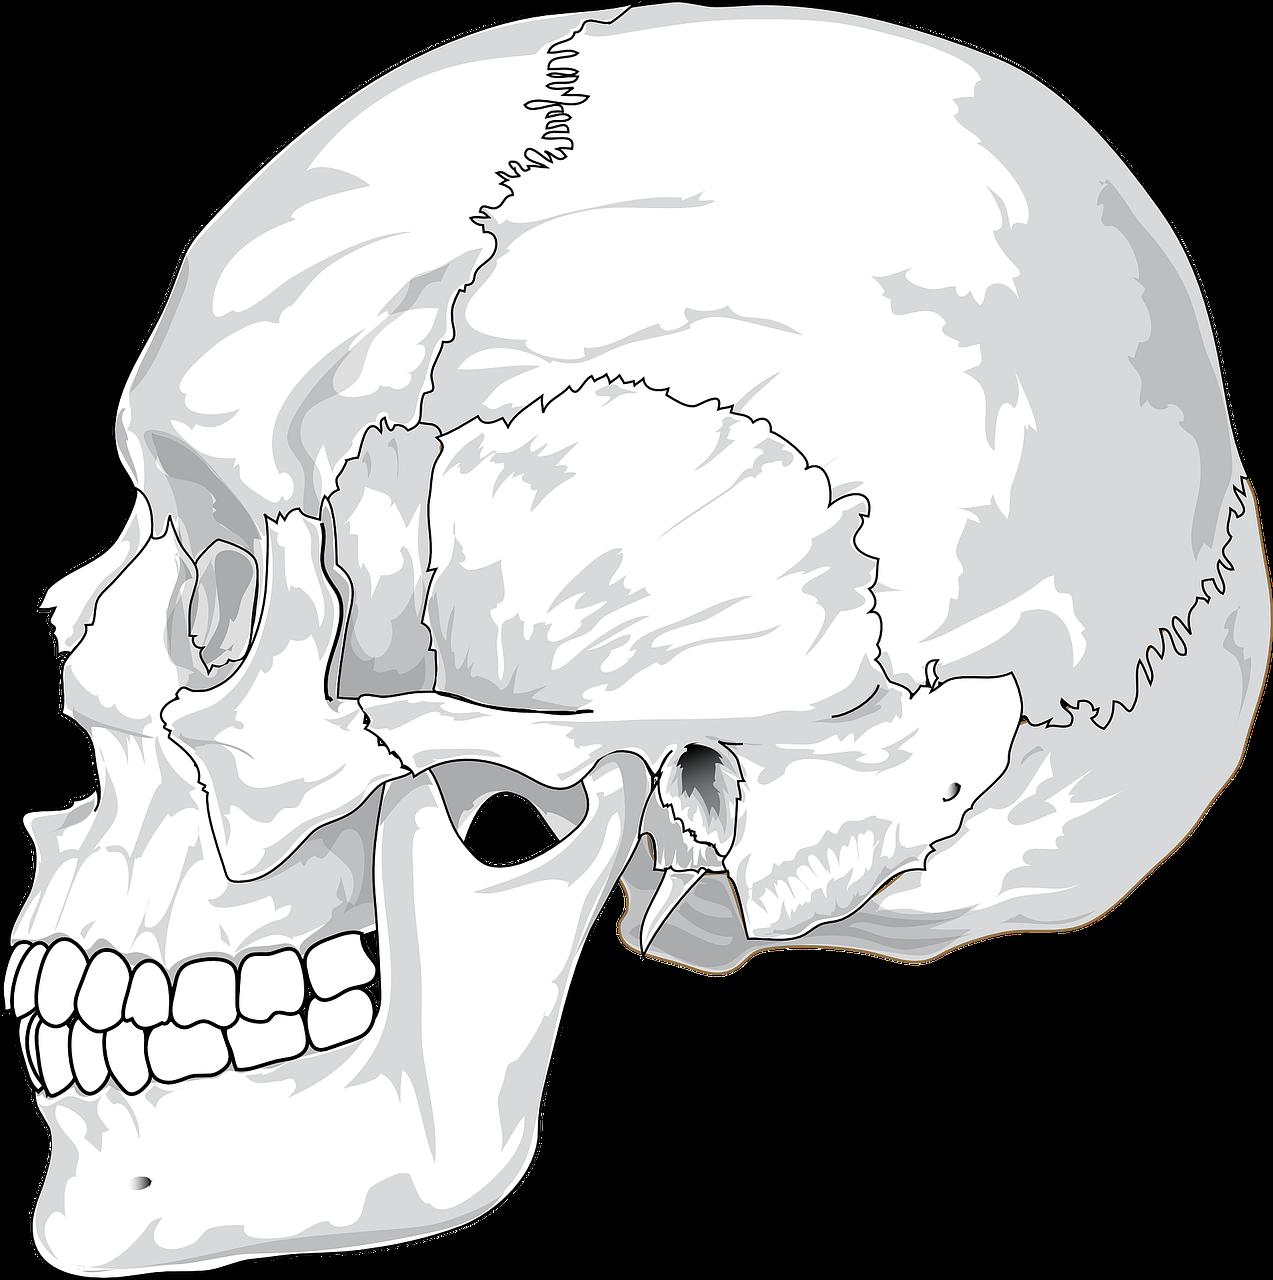 Kieferschmerzen können verschiedene Ursachen haben